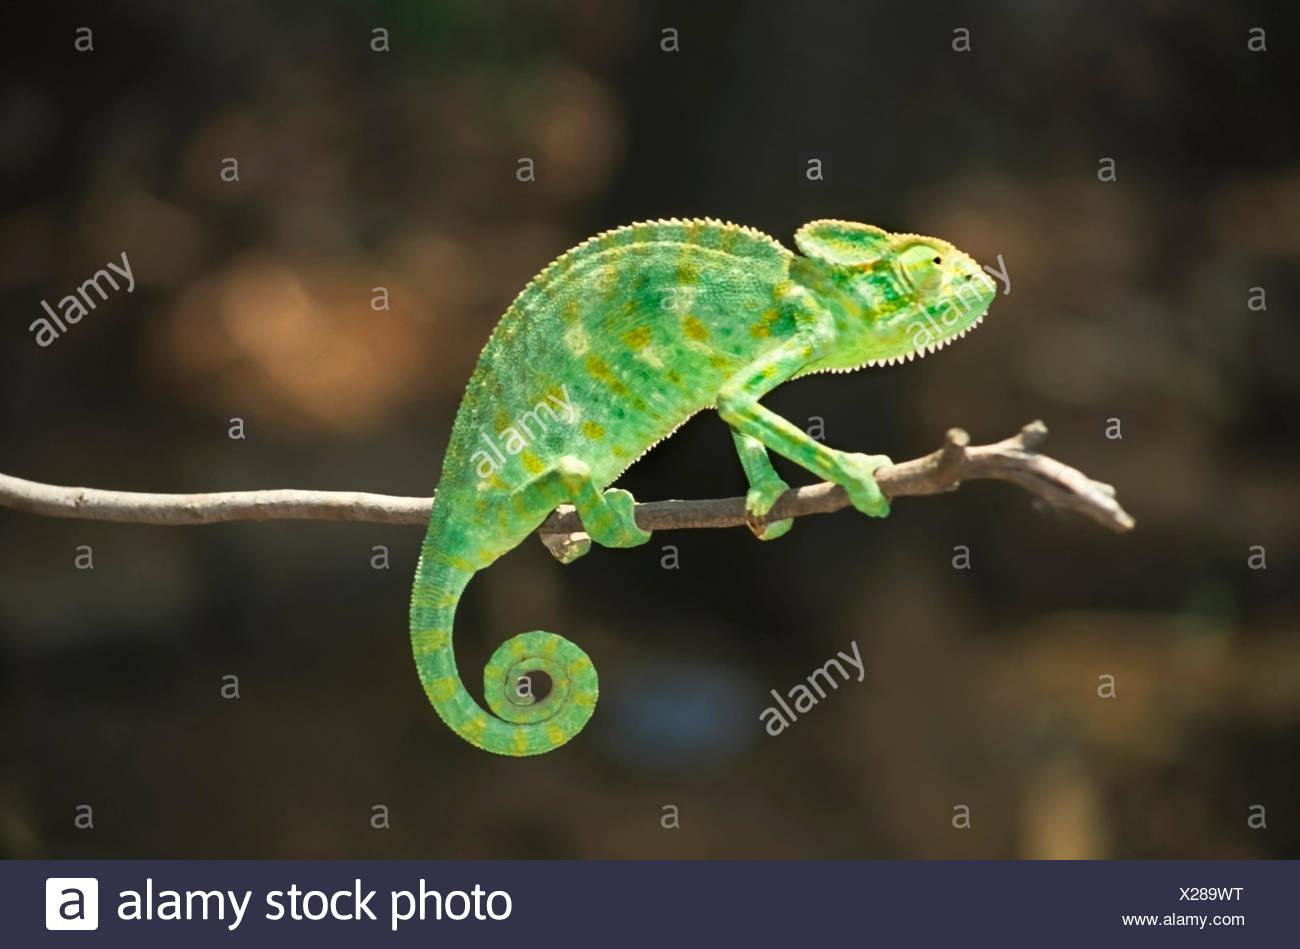 L'Asie du Sud, chameleon chamaeleo zeylanicus, la seule espèce trouvés en Inde Photo Stock